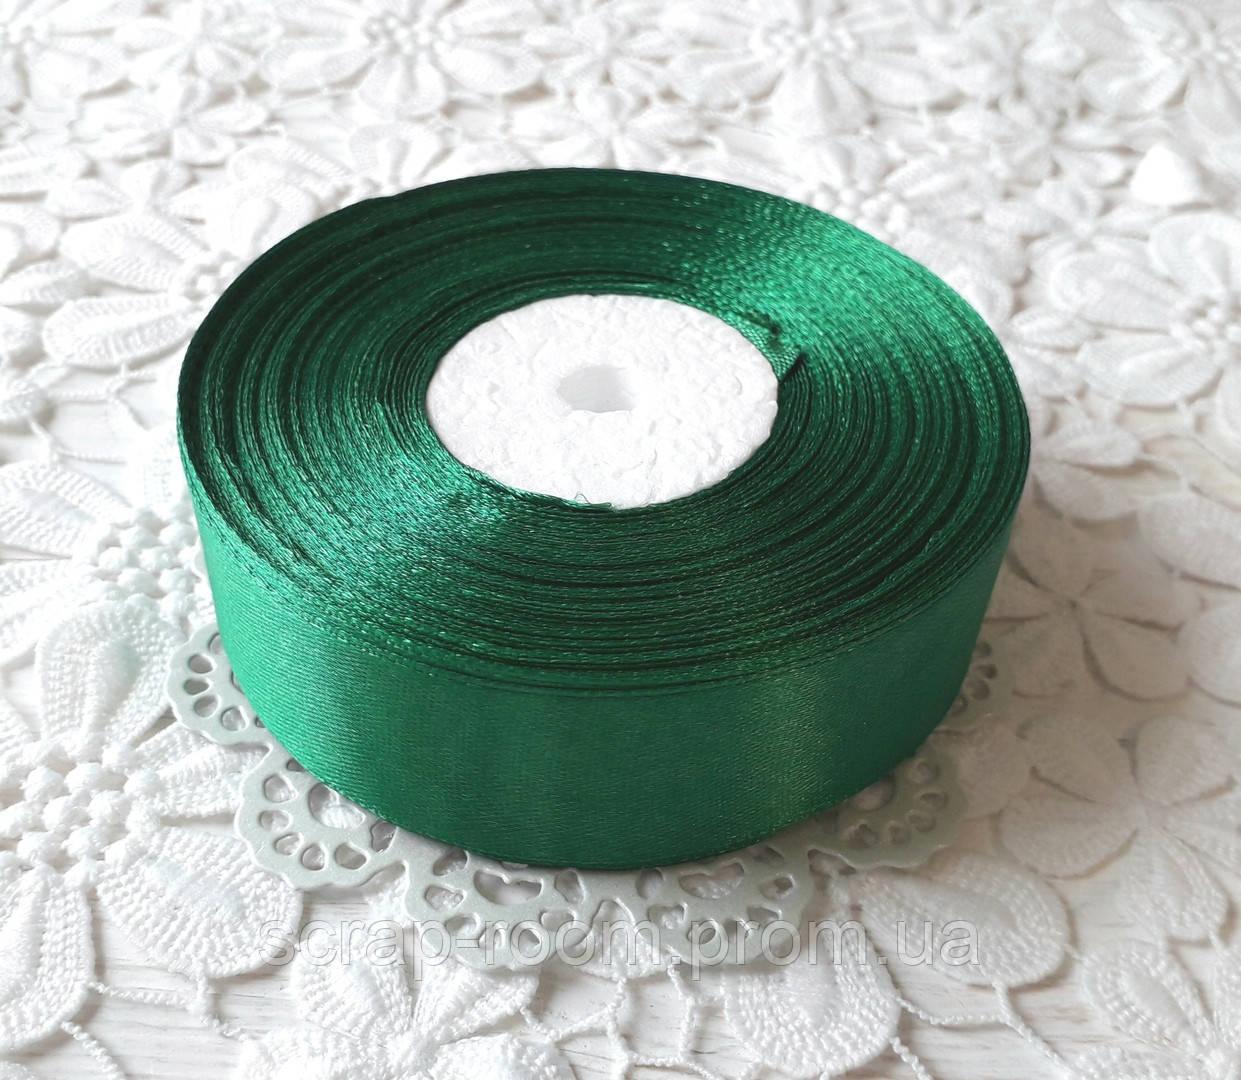 Лента атласная 2,5 см зелёная, лента цвет зеленый атласная, лента атласная зеленая, цена за метр